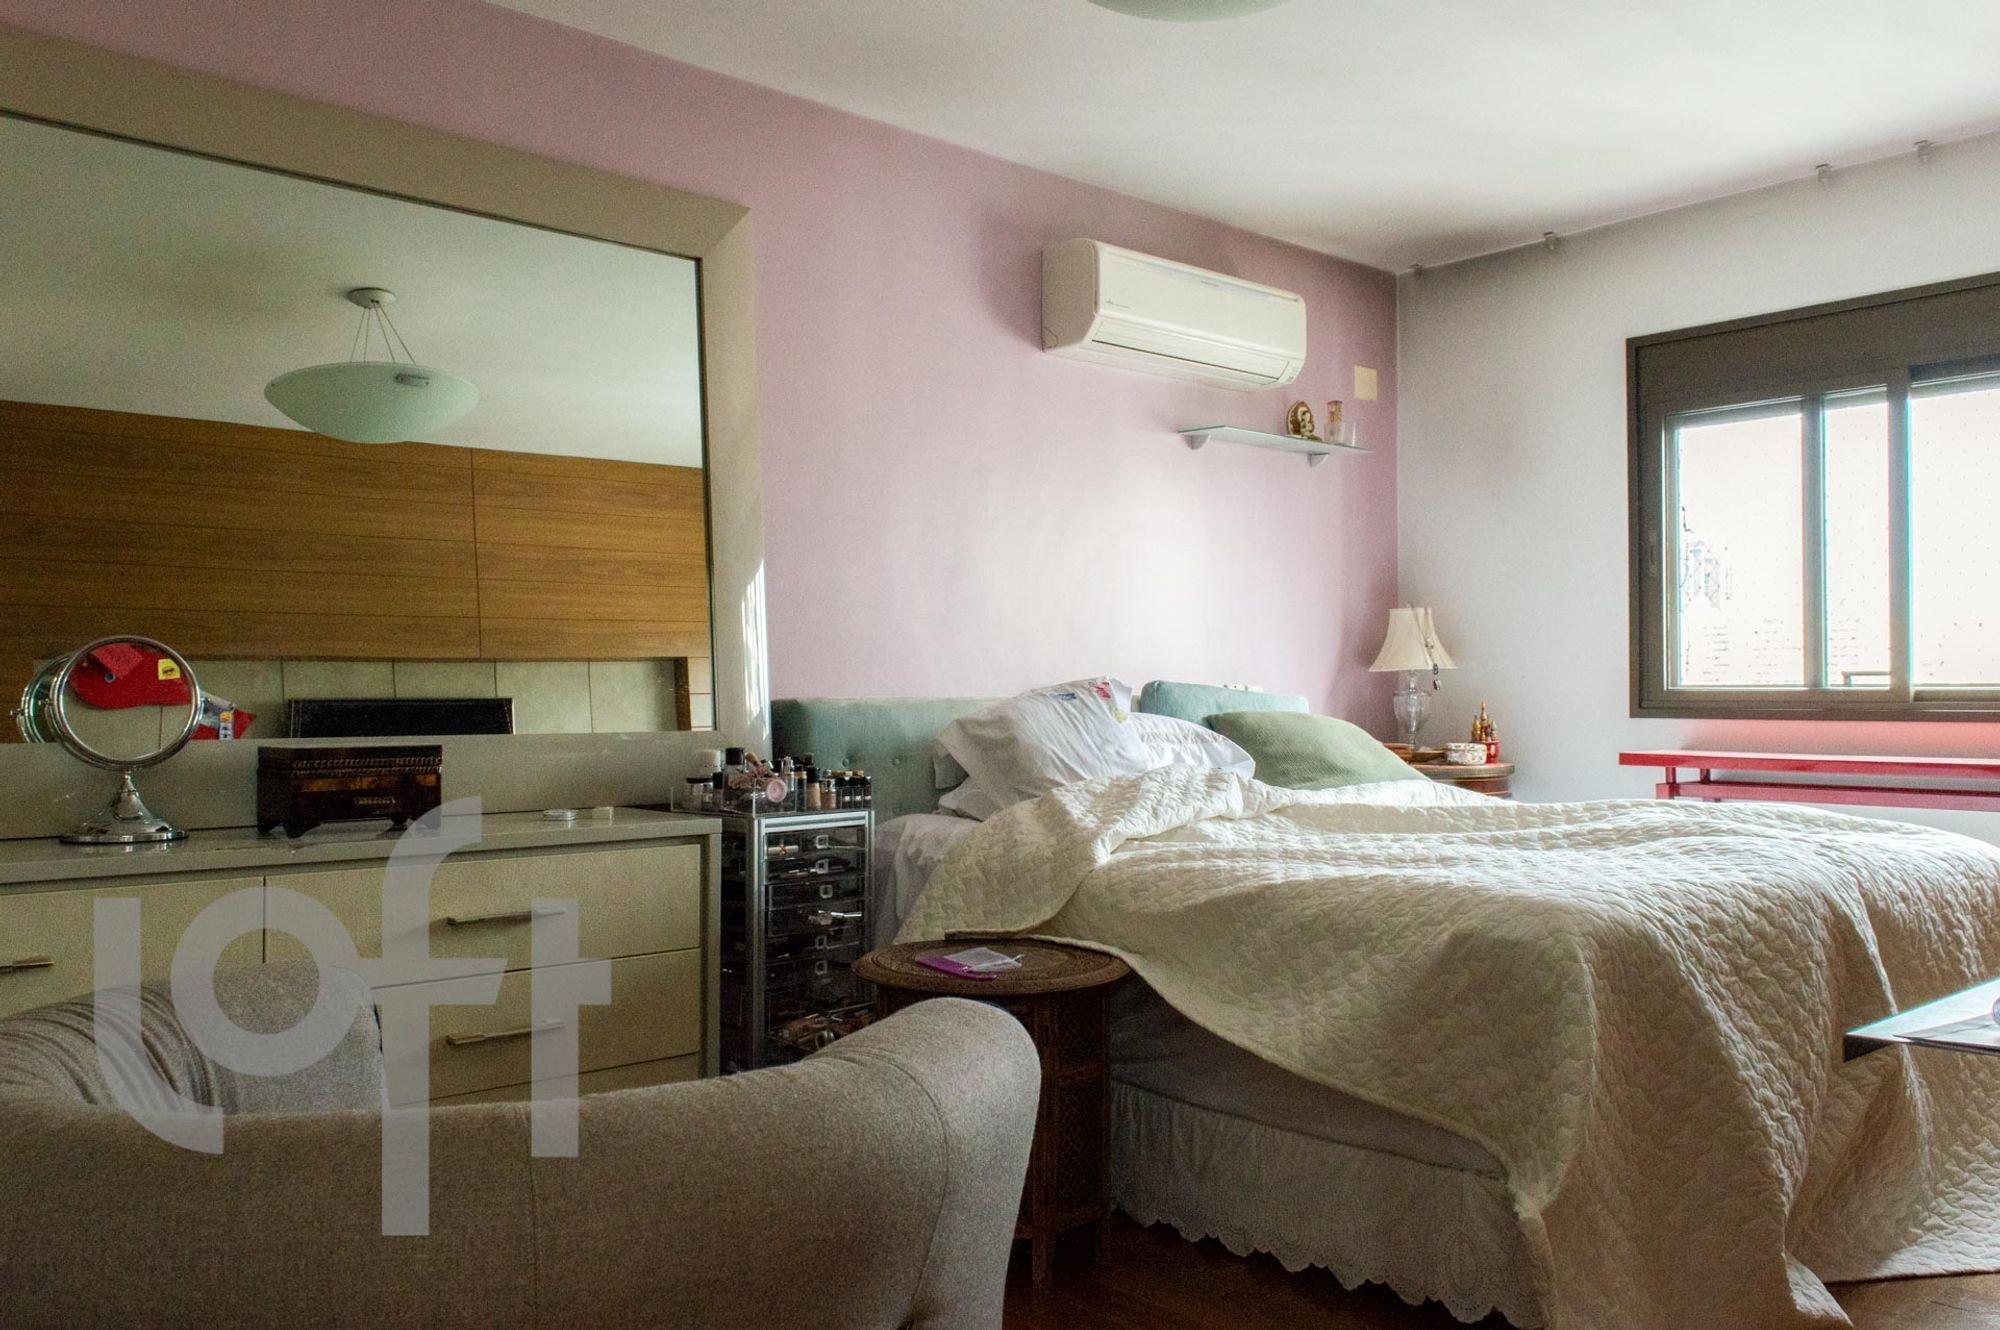 Foto de Quarto com cama, sofá, garrafa